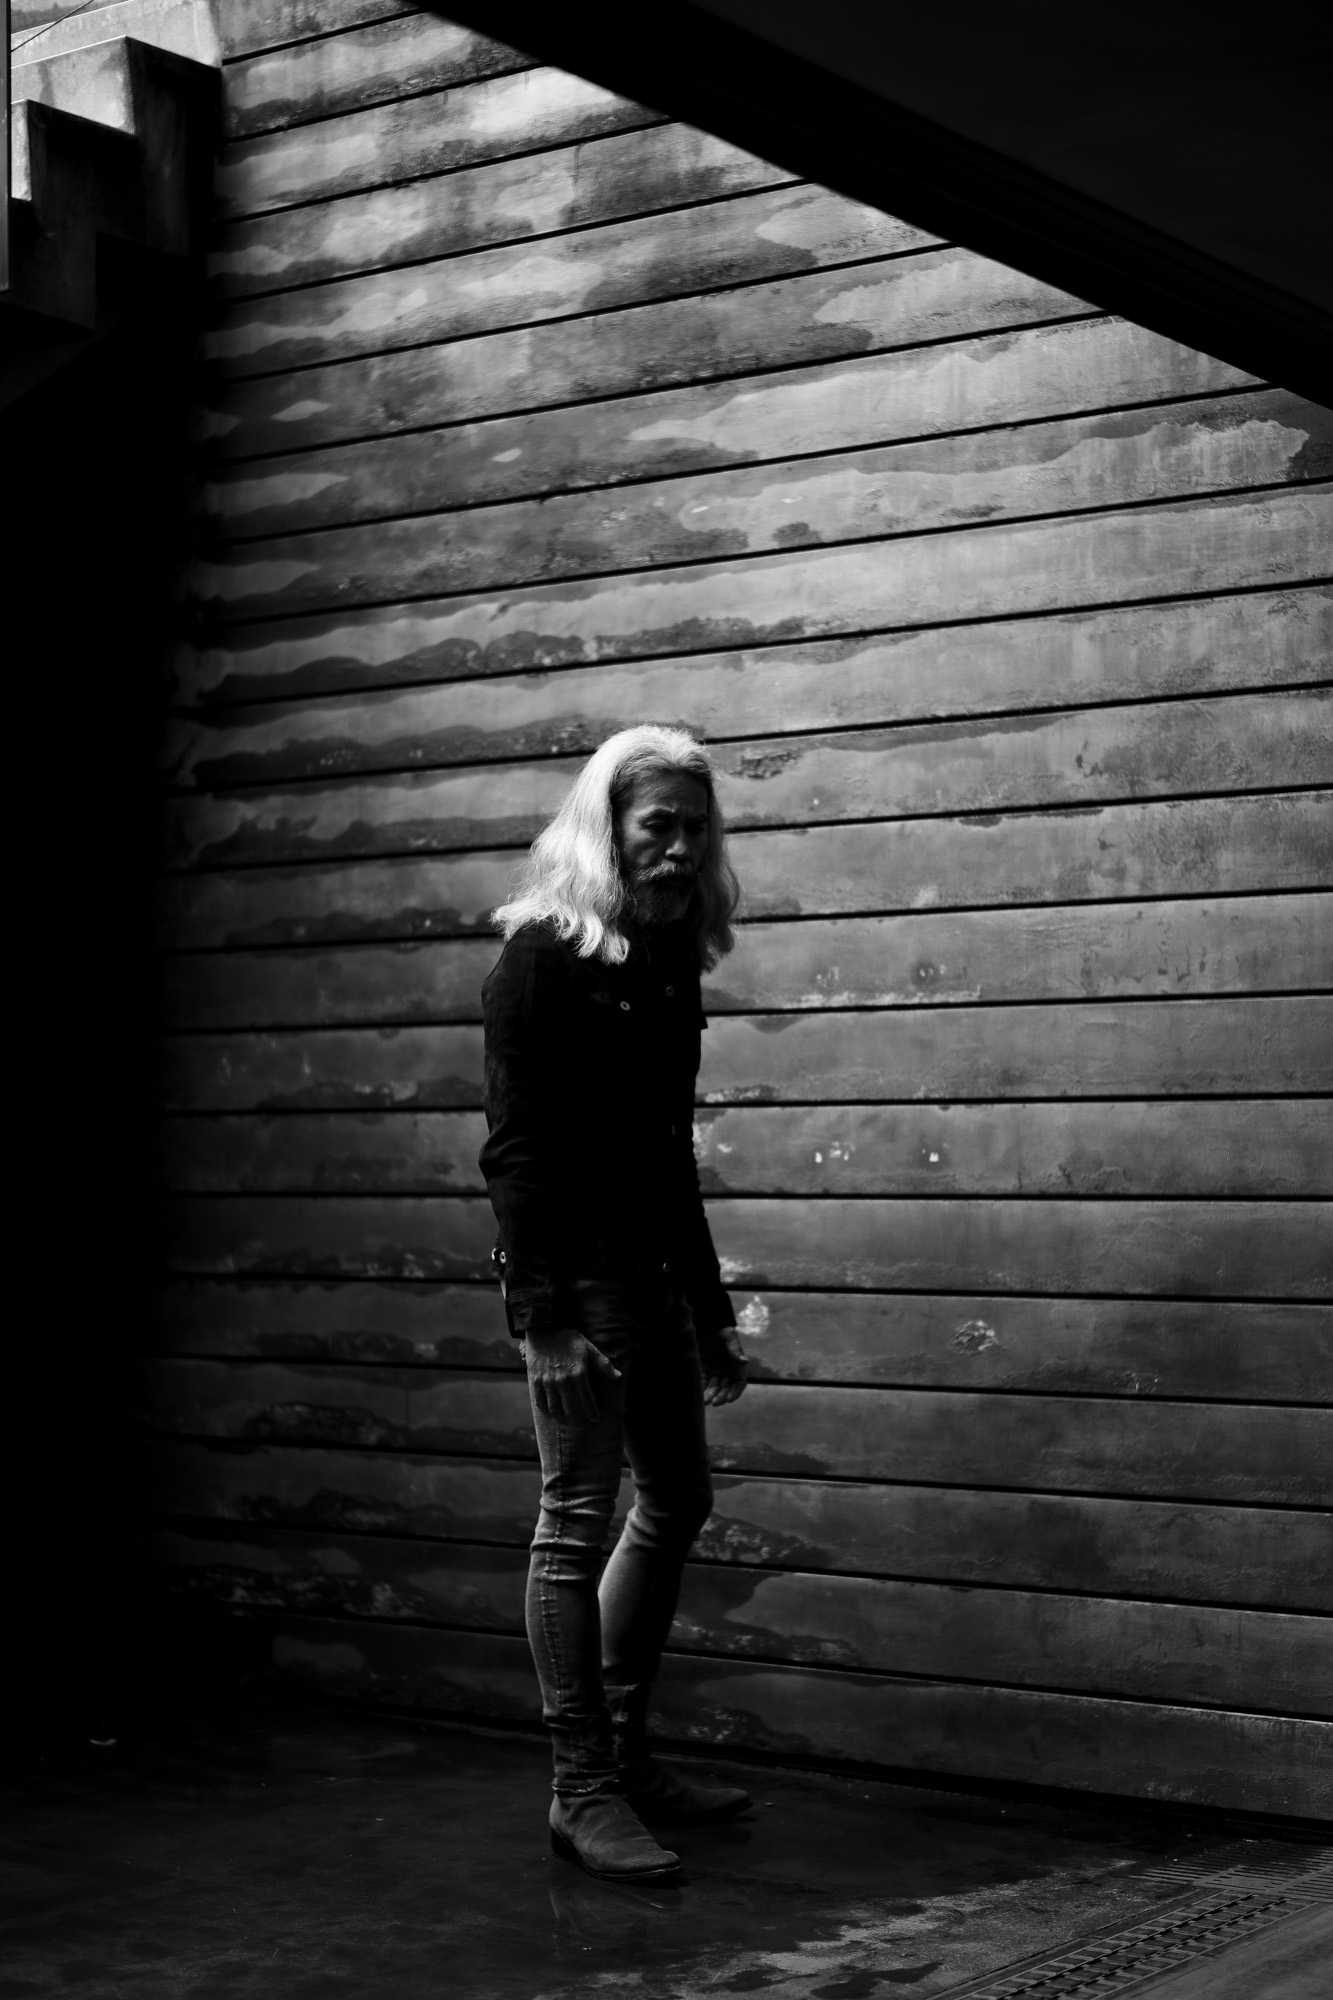 ISAMU KATAYAMA 片山勇 BACKLASH バックラッシュ レザージャケット THE LINE ザライン 愛知 名古屋 altoediritto アルトエデリット クロコダイル パイソン ダブルライダース シングルライダース 2021 デニムパンツ ジーンズ ブラックデニム グレーデニム クラッシュデニム